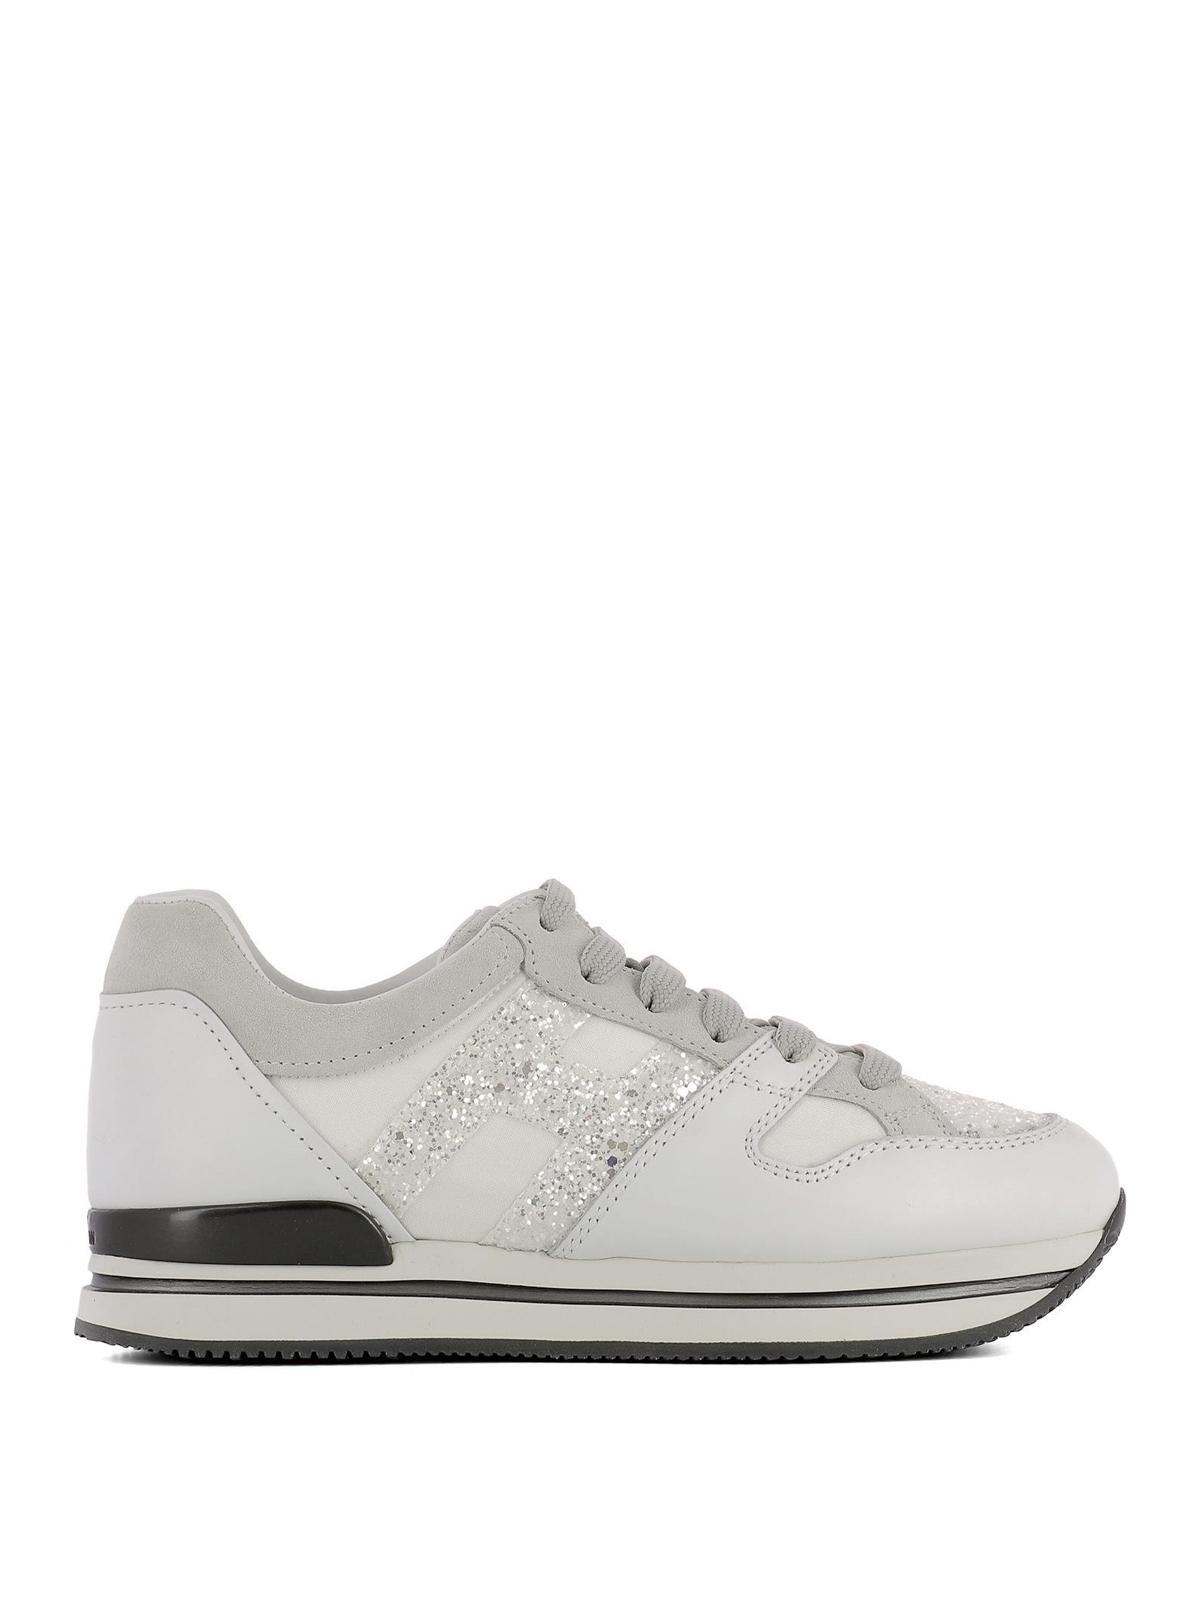 Hogan - H222 glitter H sneakers - trainers - HXW2220U352IVRB001